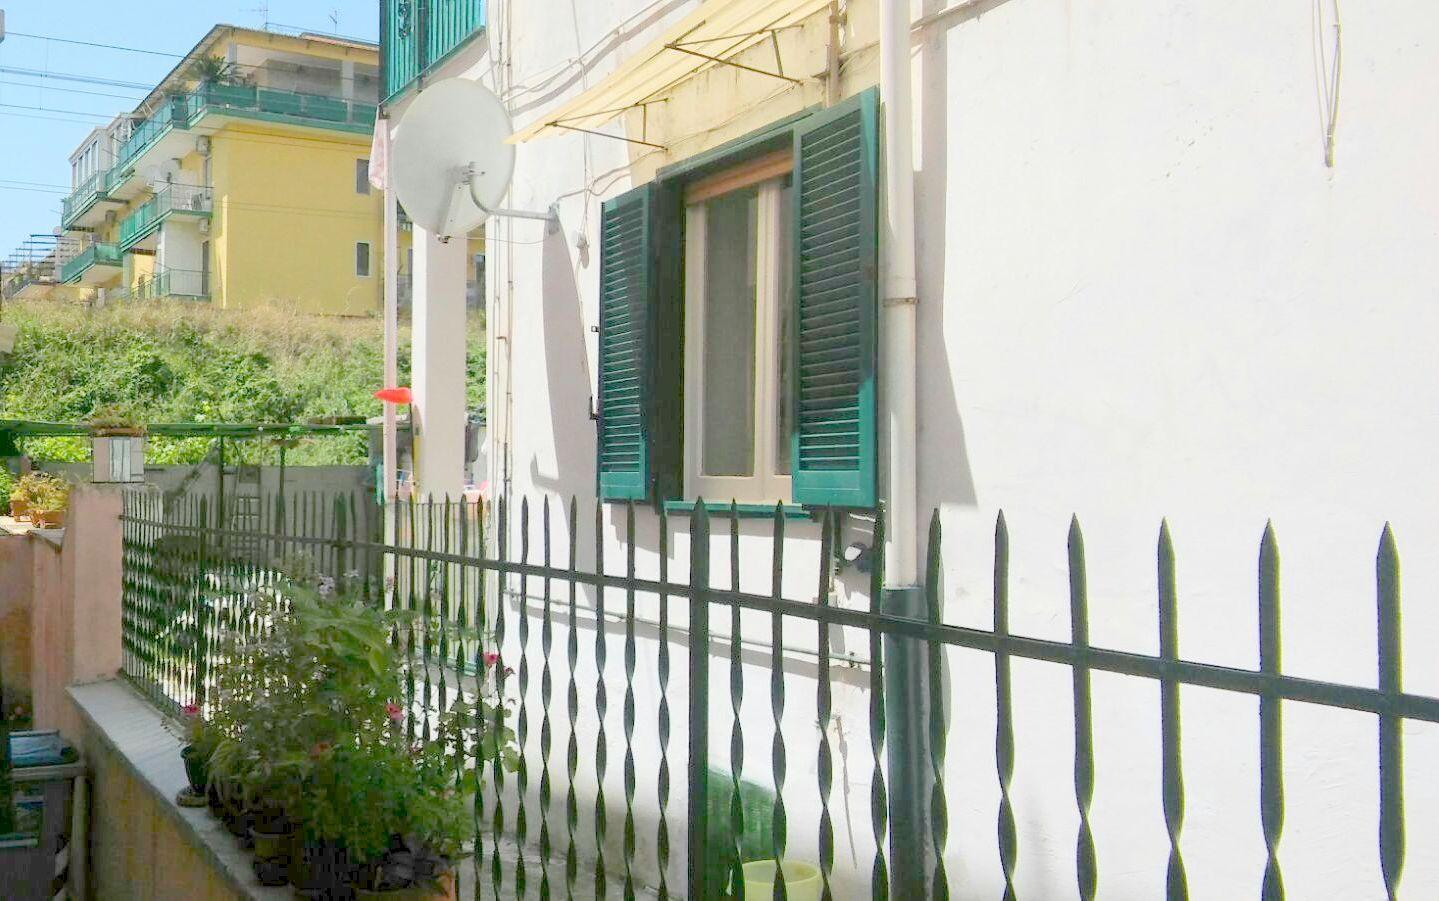 Bilocale Napoli Via Alessandro D'alessandro 6